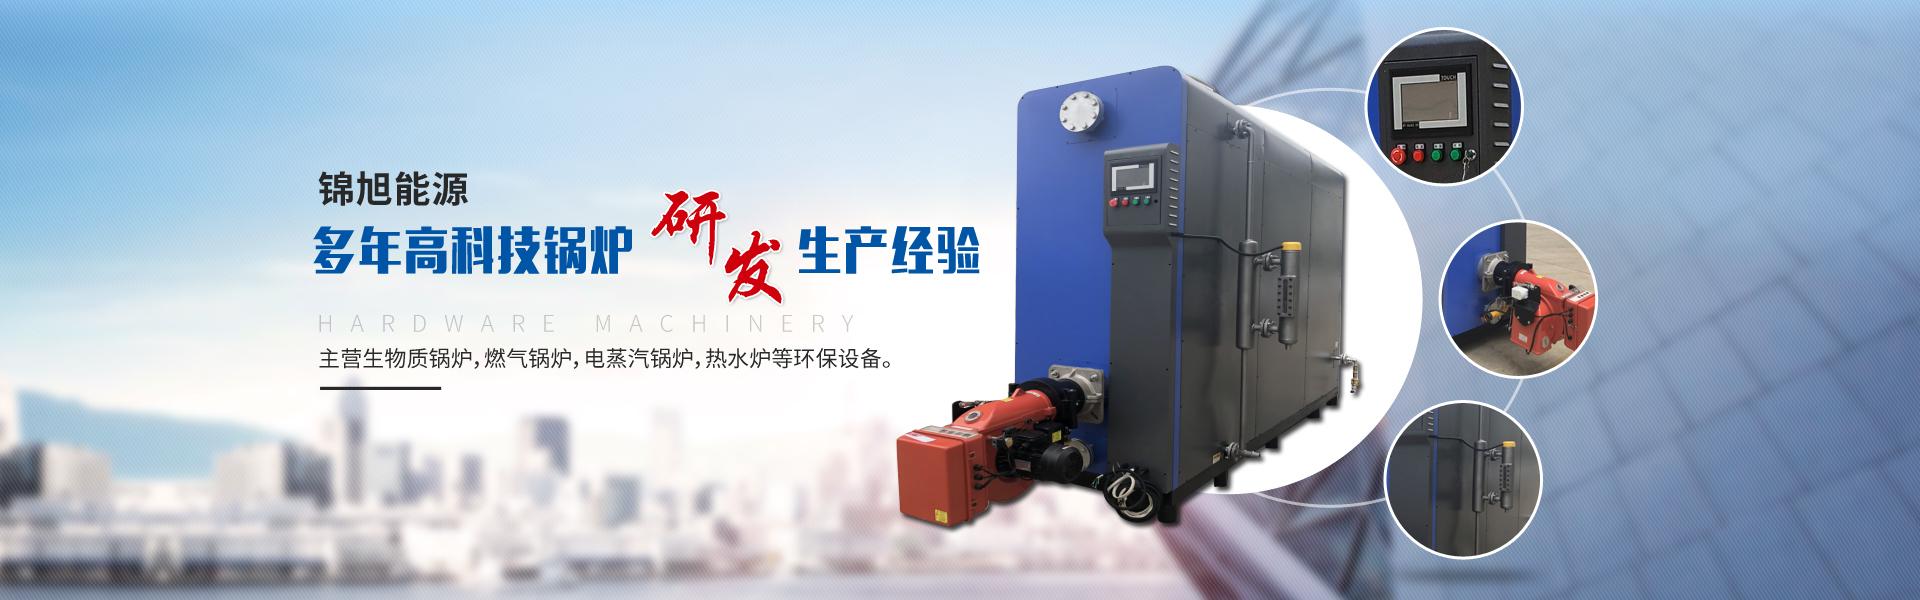 蒸汽发生器价格